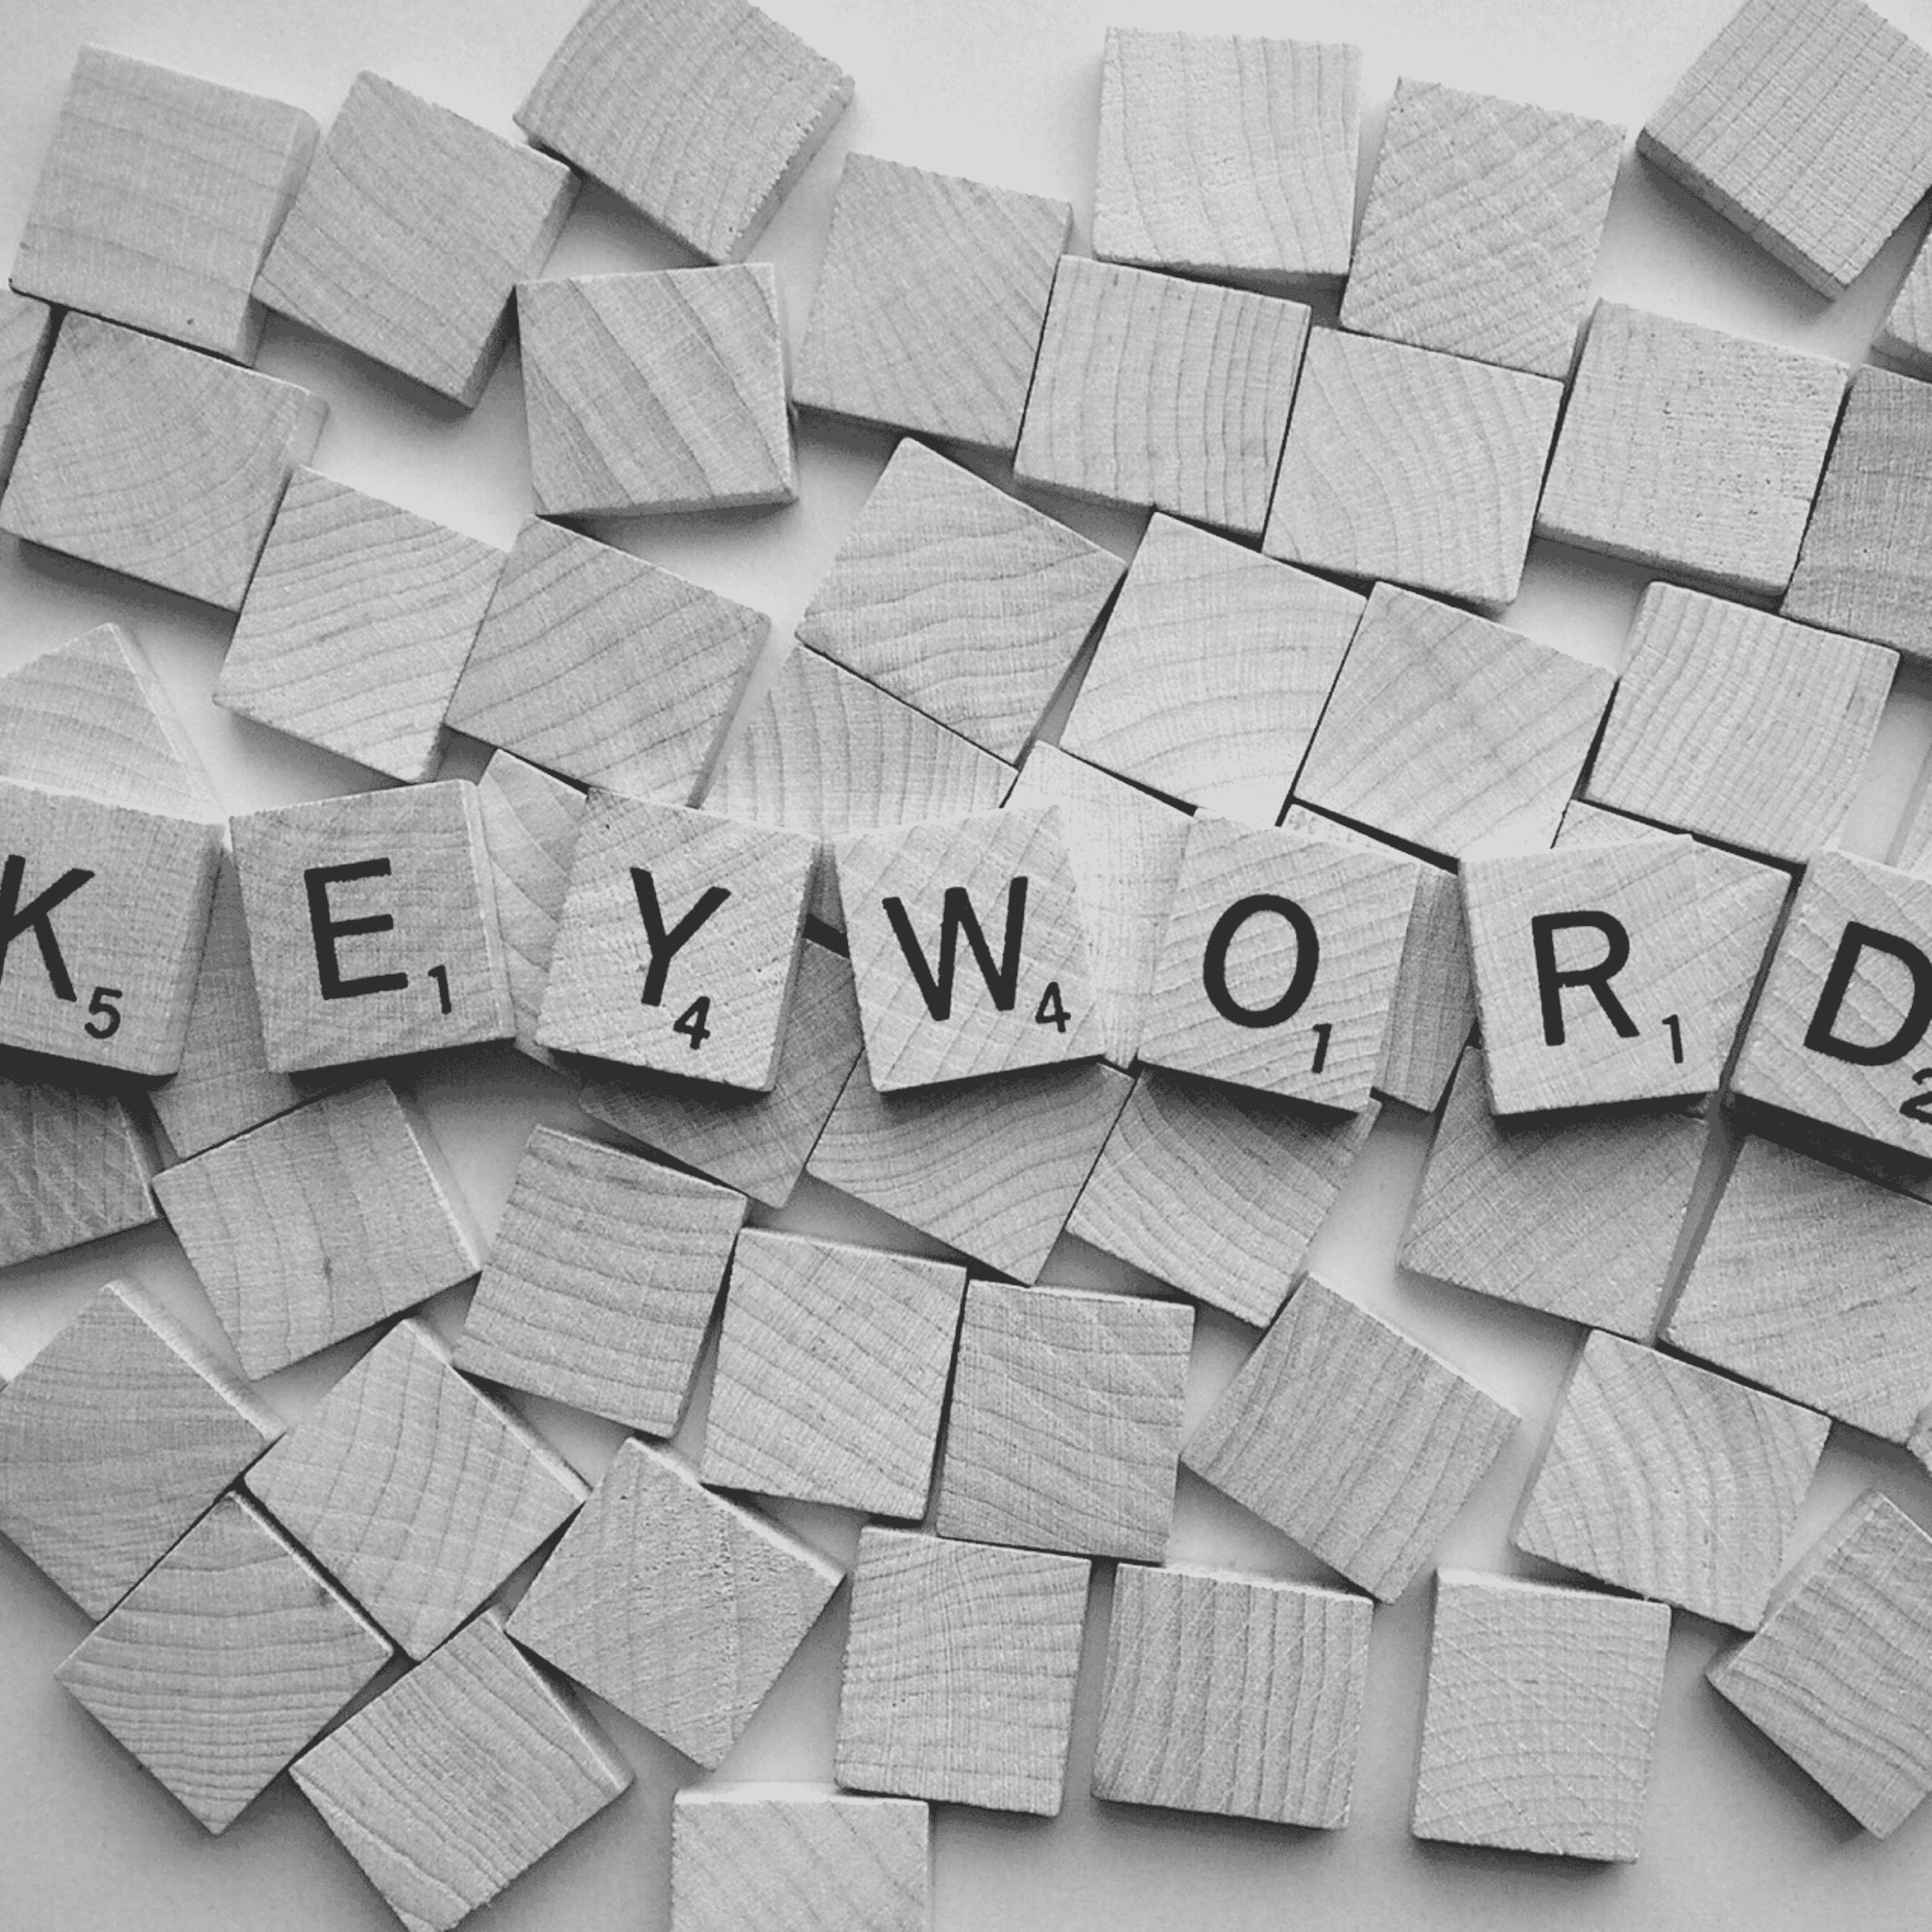 La importancia estratégica de las palabras clave (keywords)